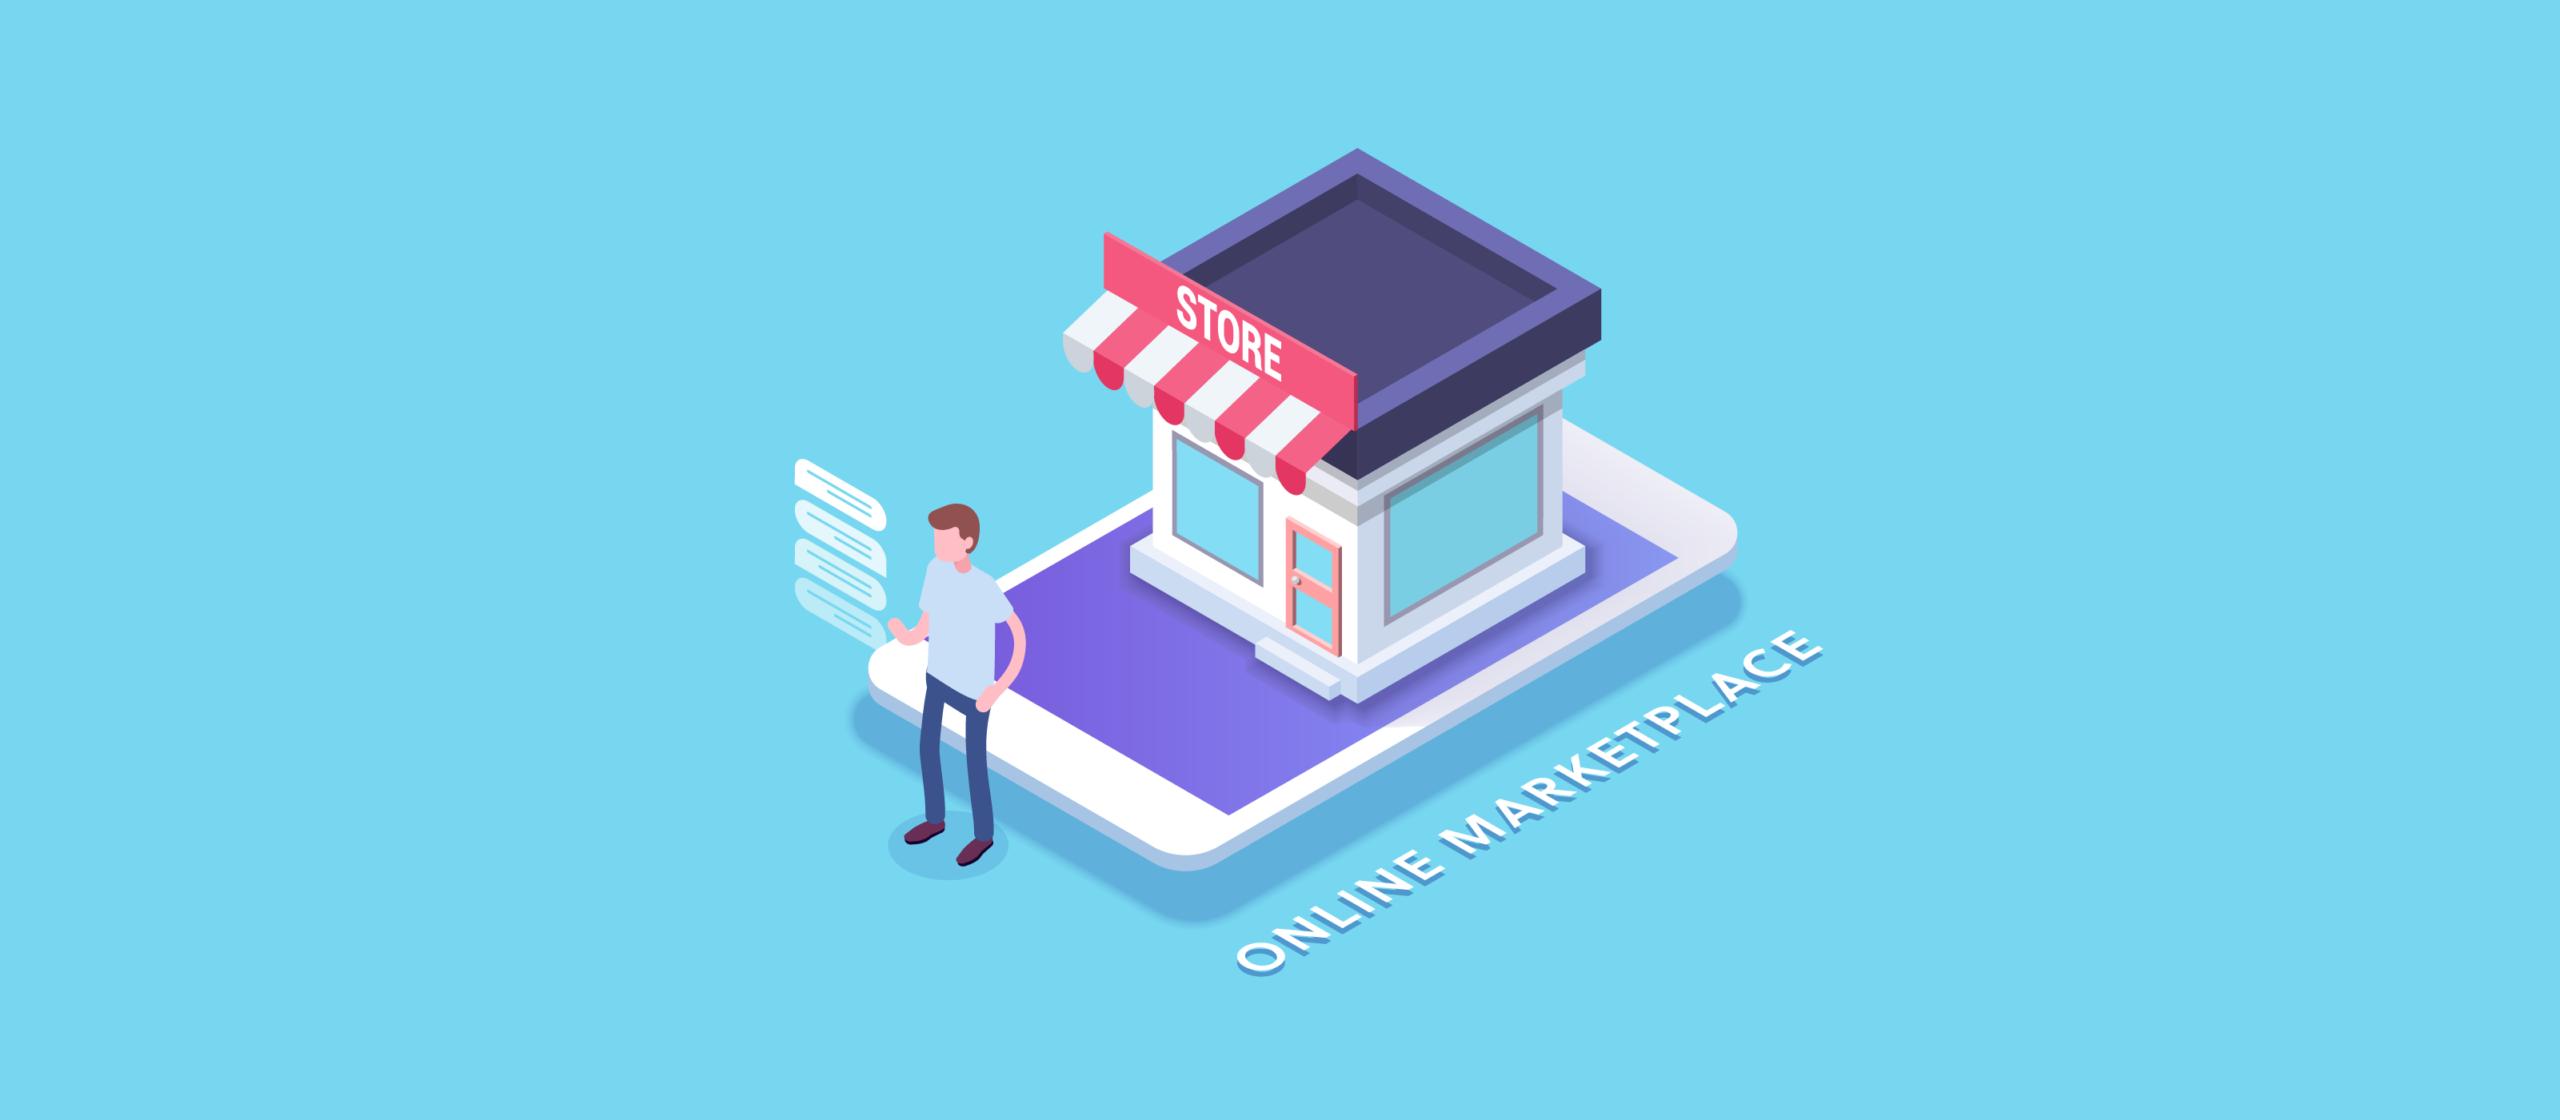 تصميم سوق الكتروني